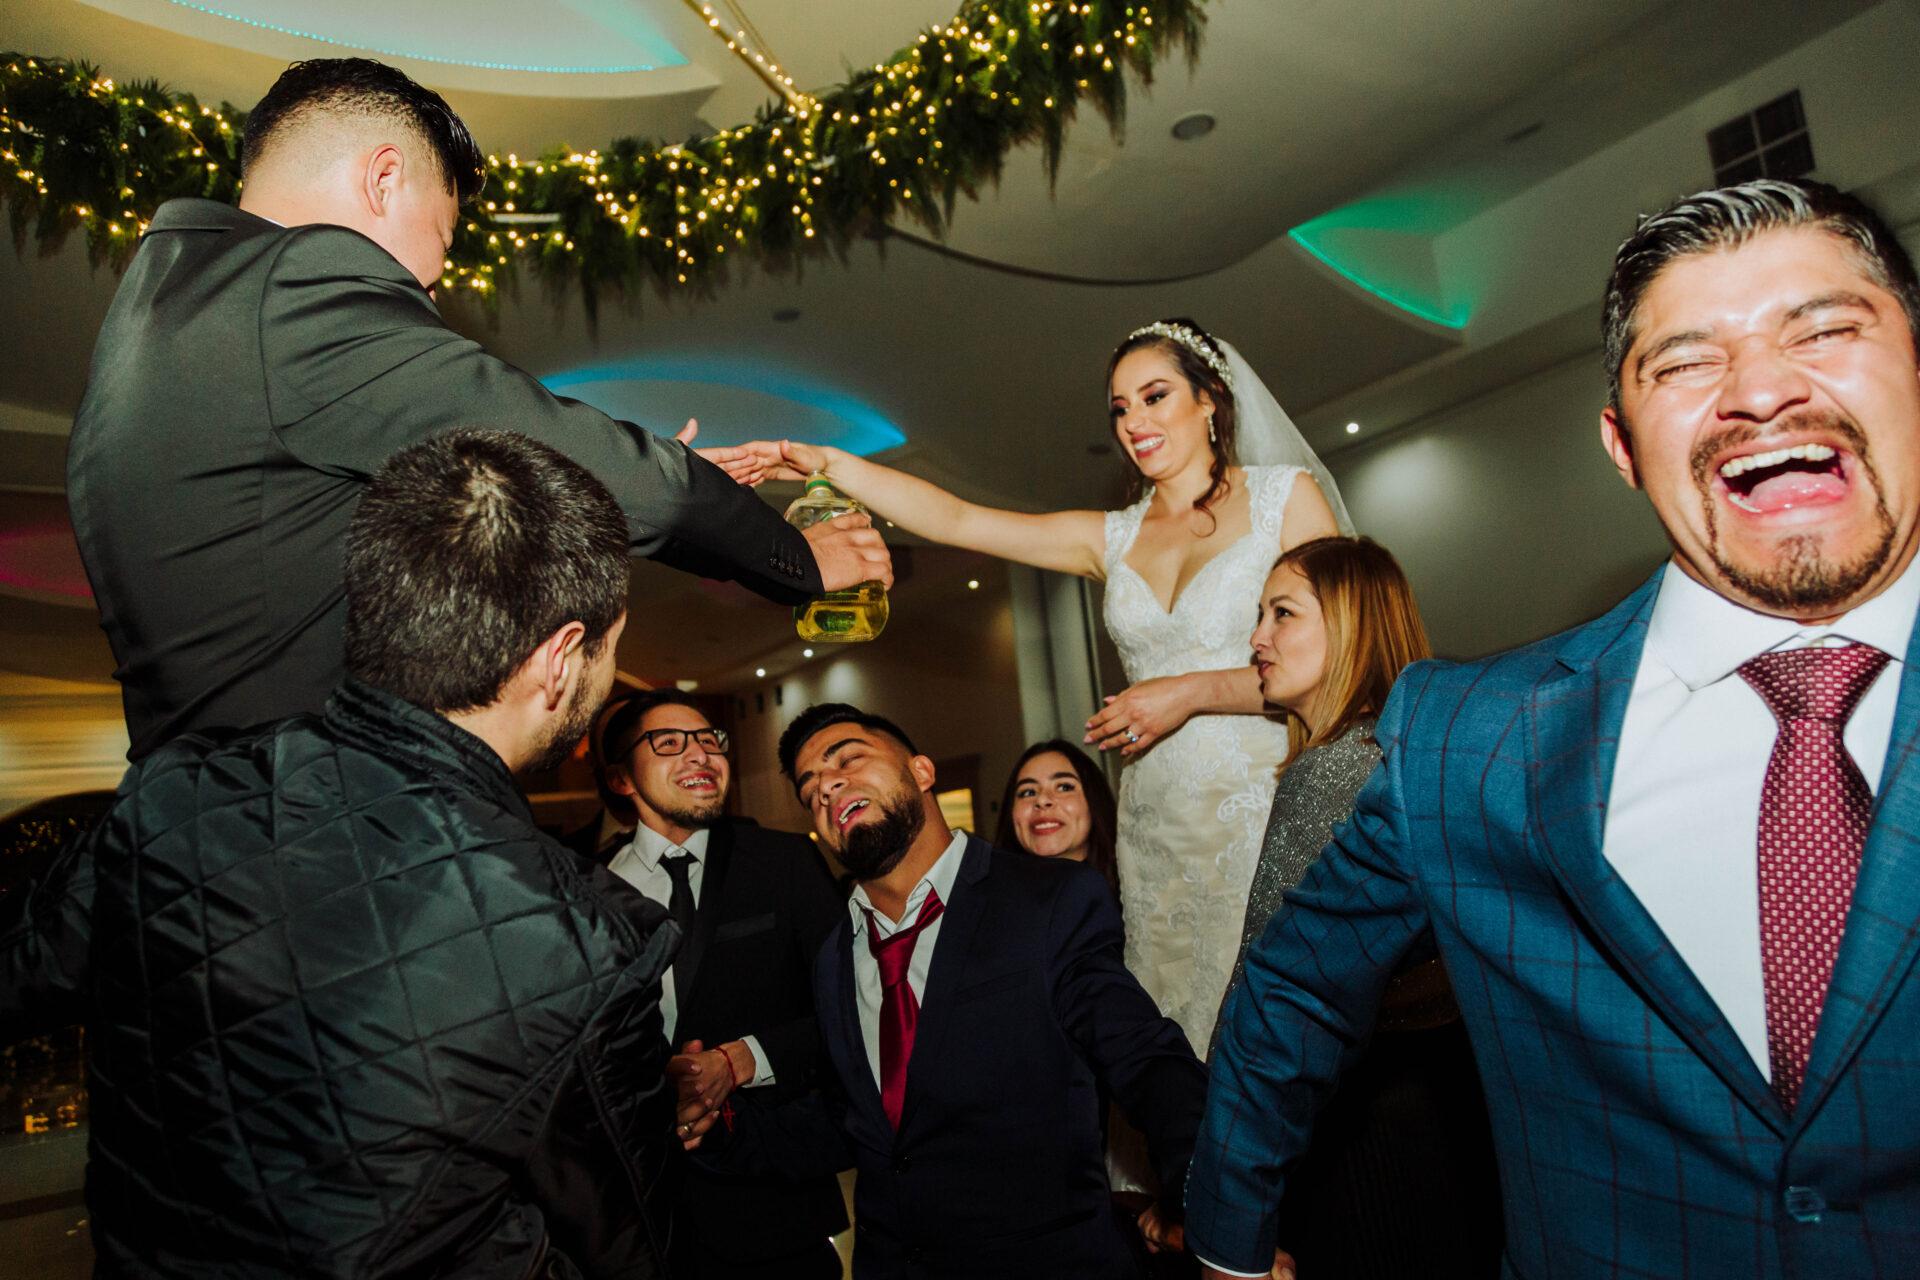 javier_noriega_fotografo_Boda_san_ramon_zacatecas_wedding_photographer27